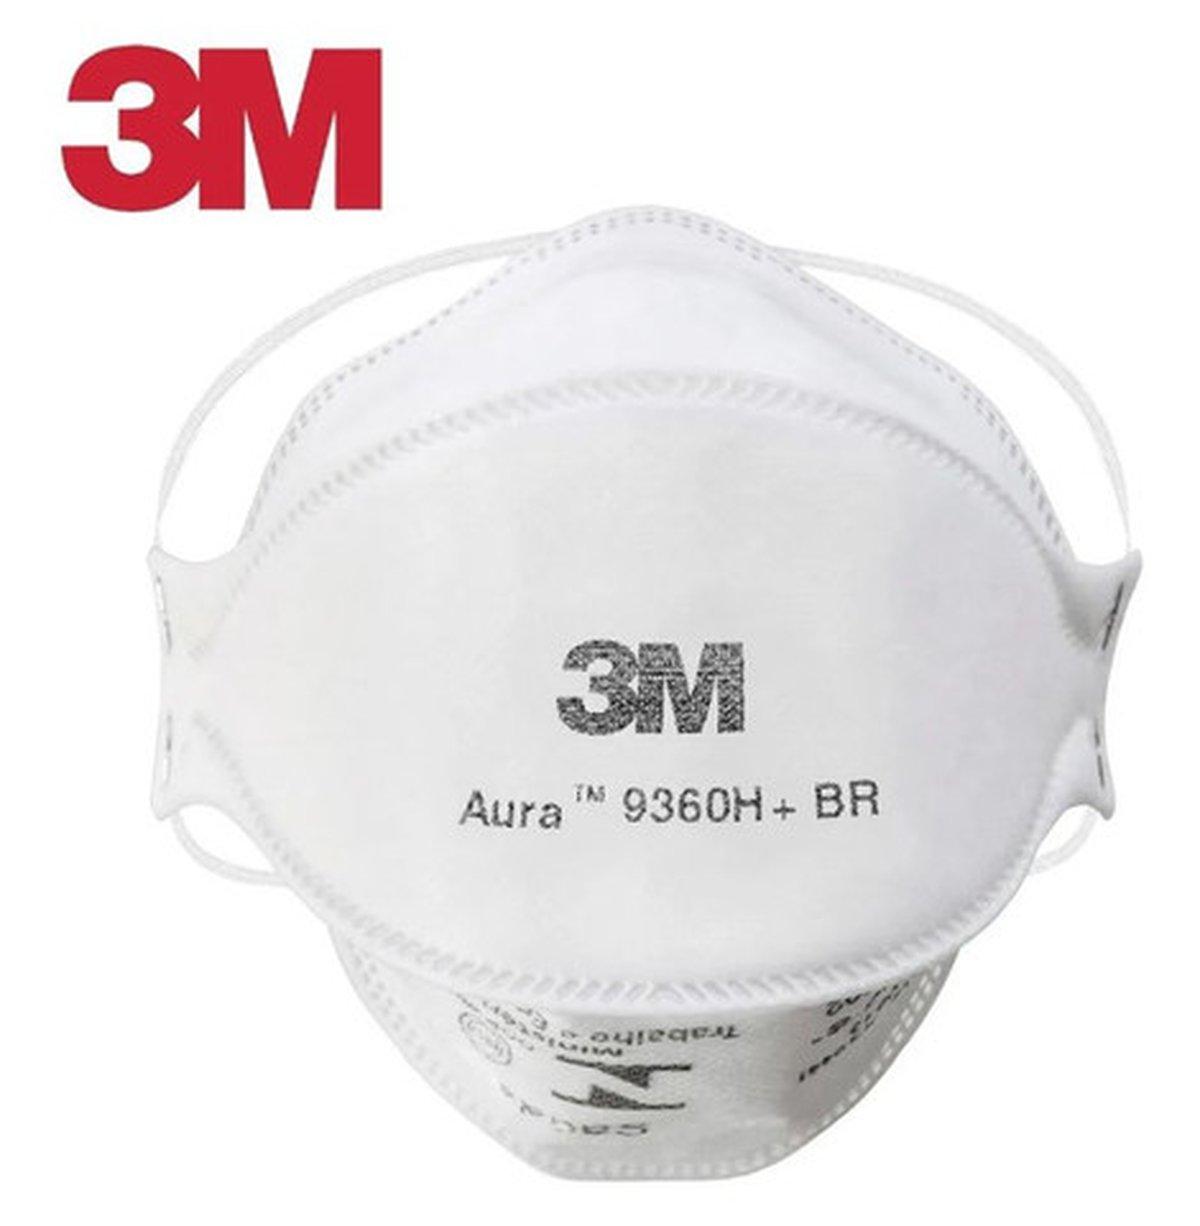 Máscara Proteção Aura Risco Biológico Pff2S 3M Kit 10un